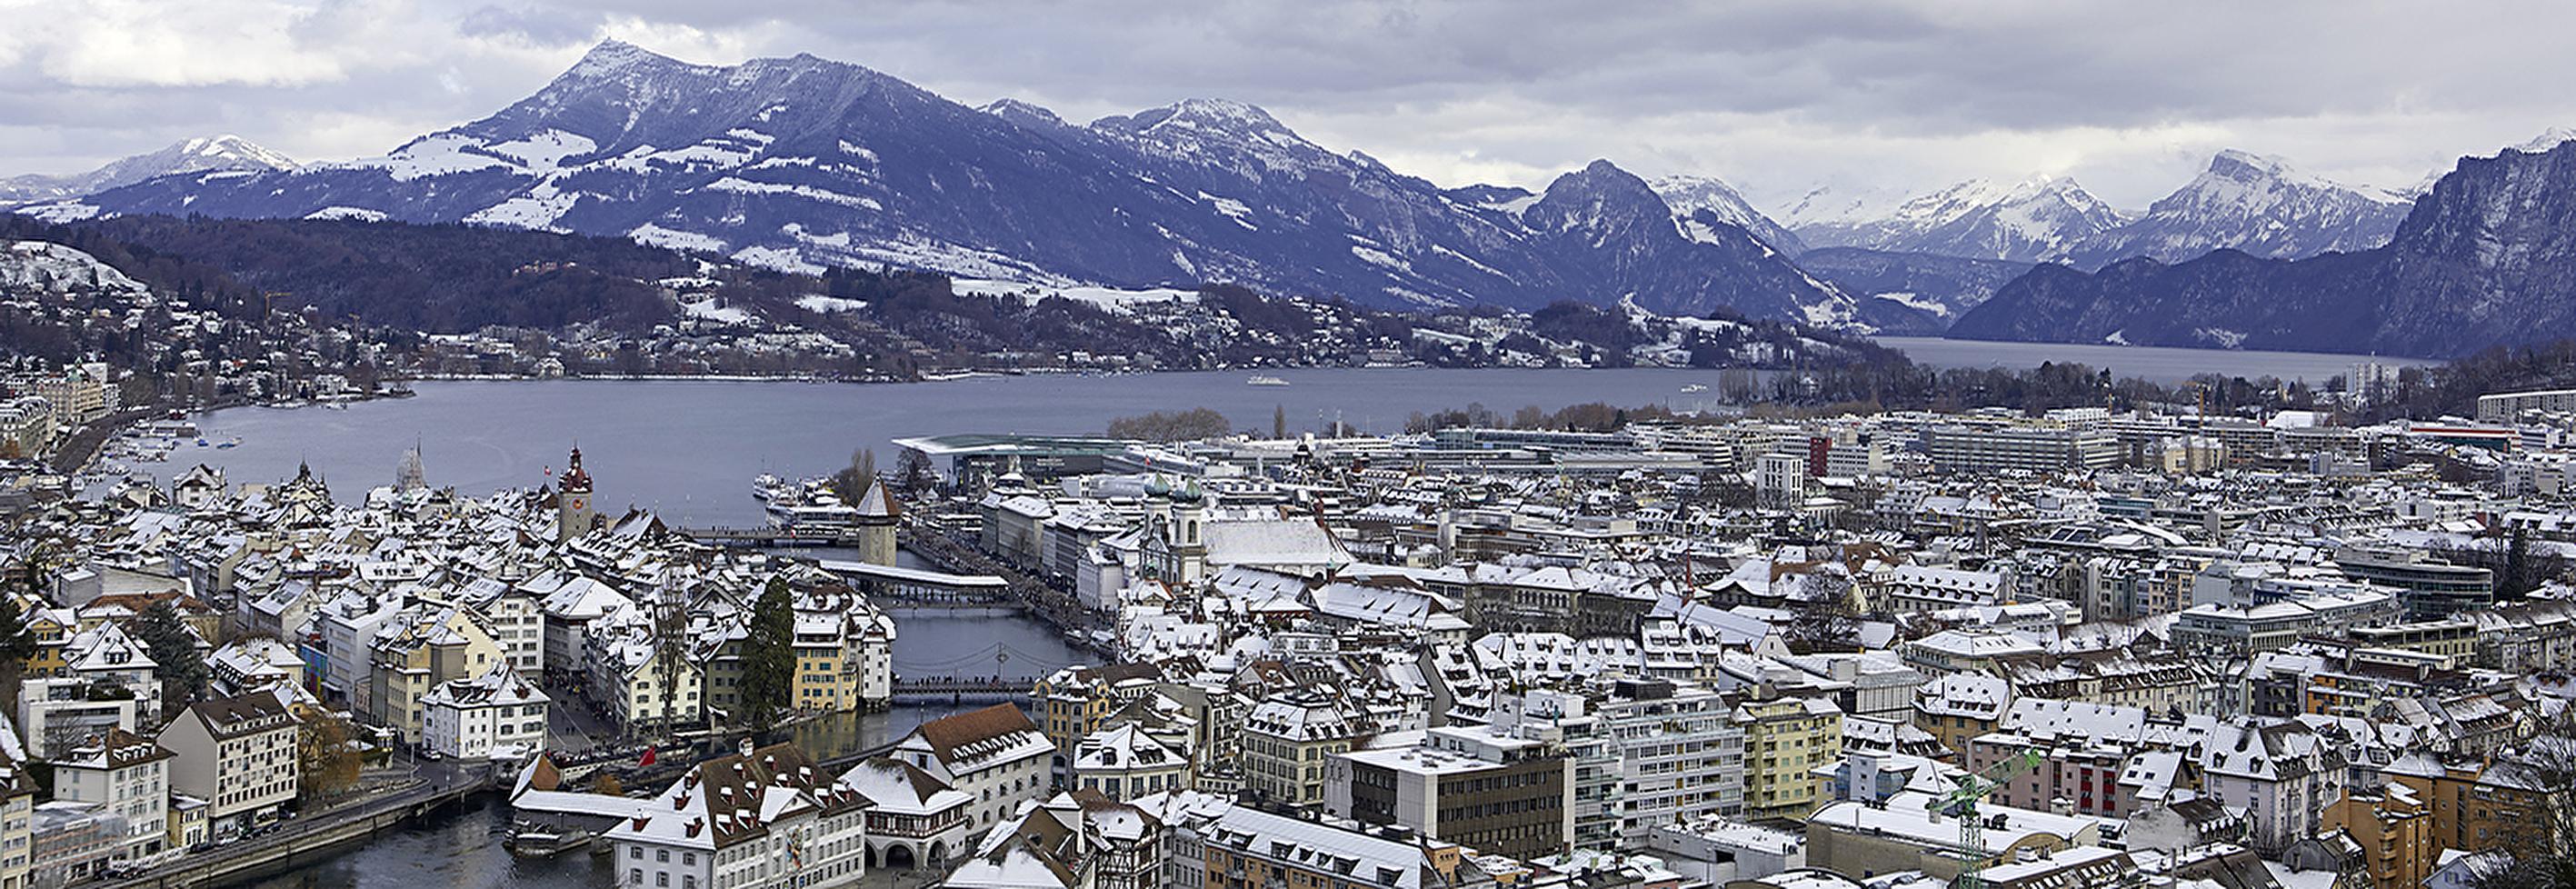 Luzern im Winter